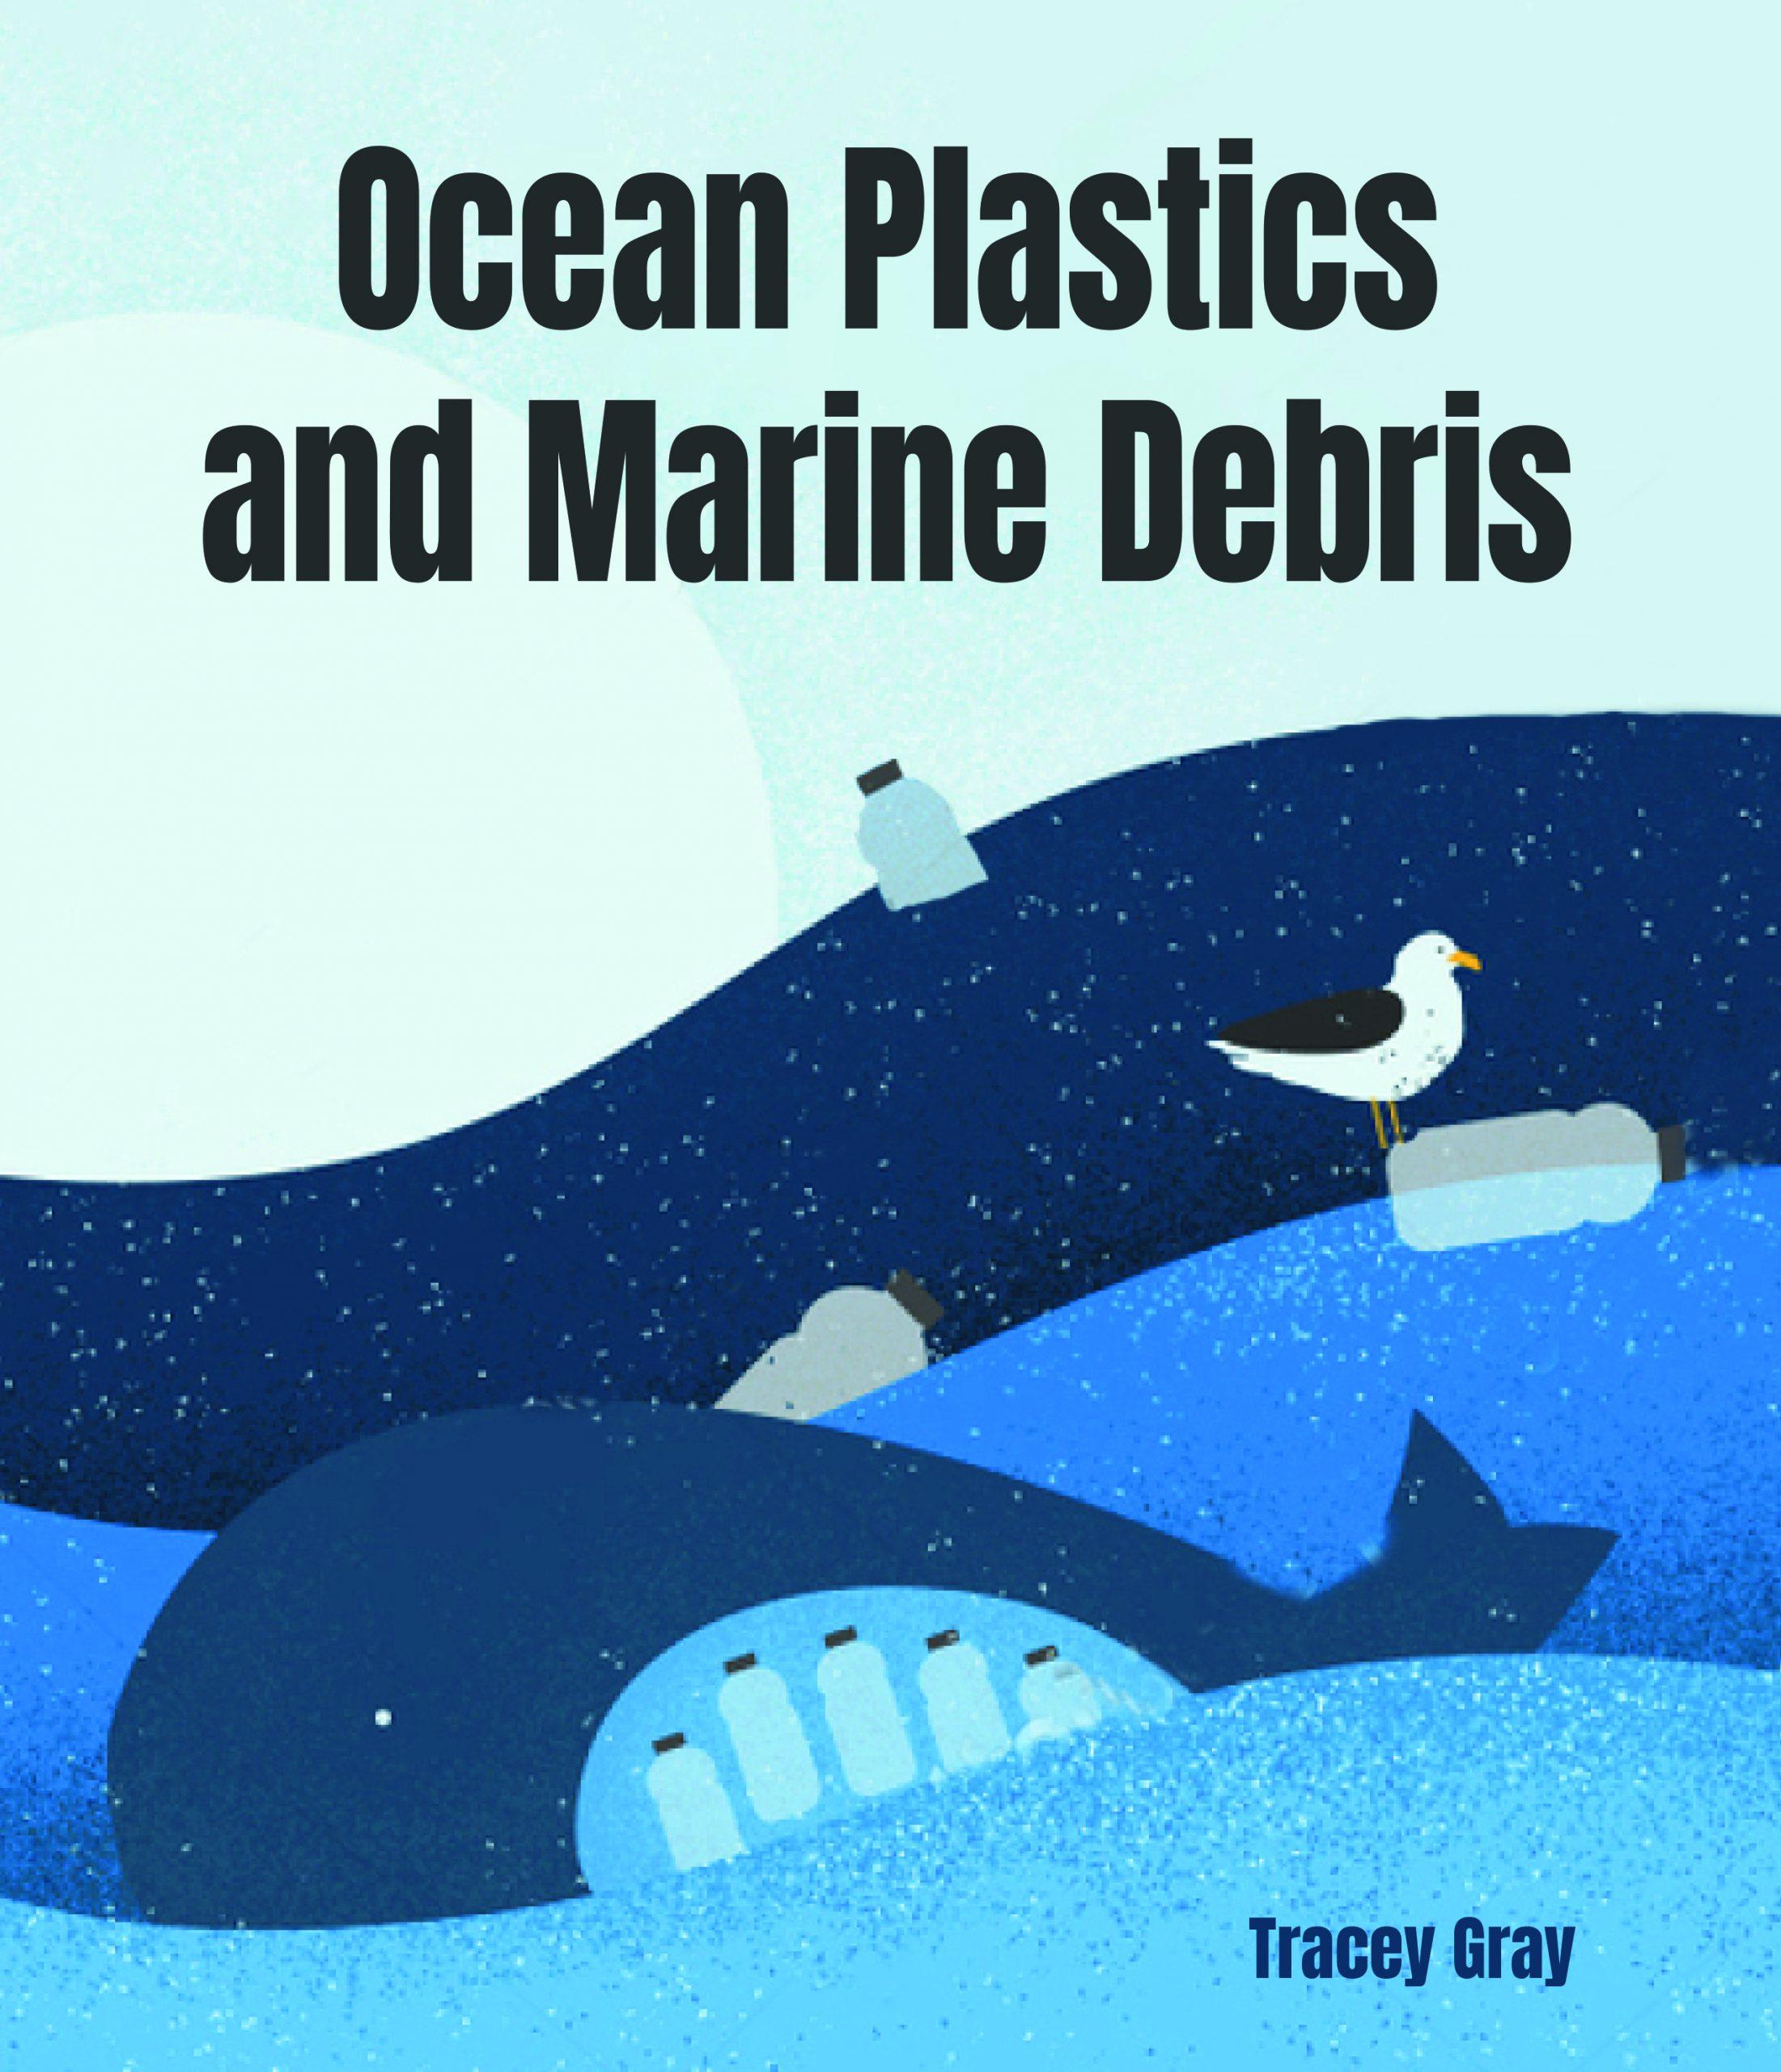 Ocean Plastics and Marine Debris